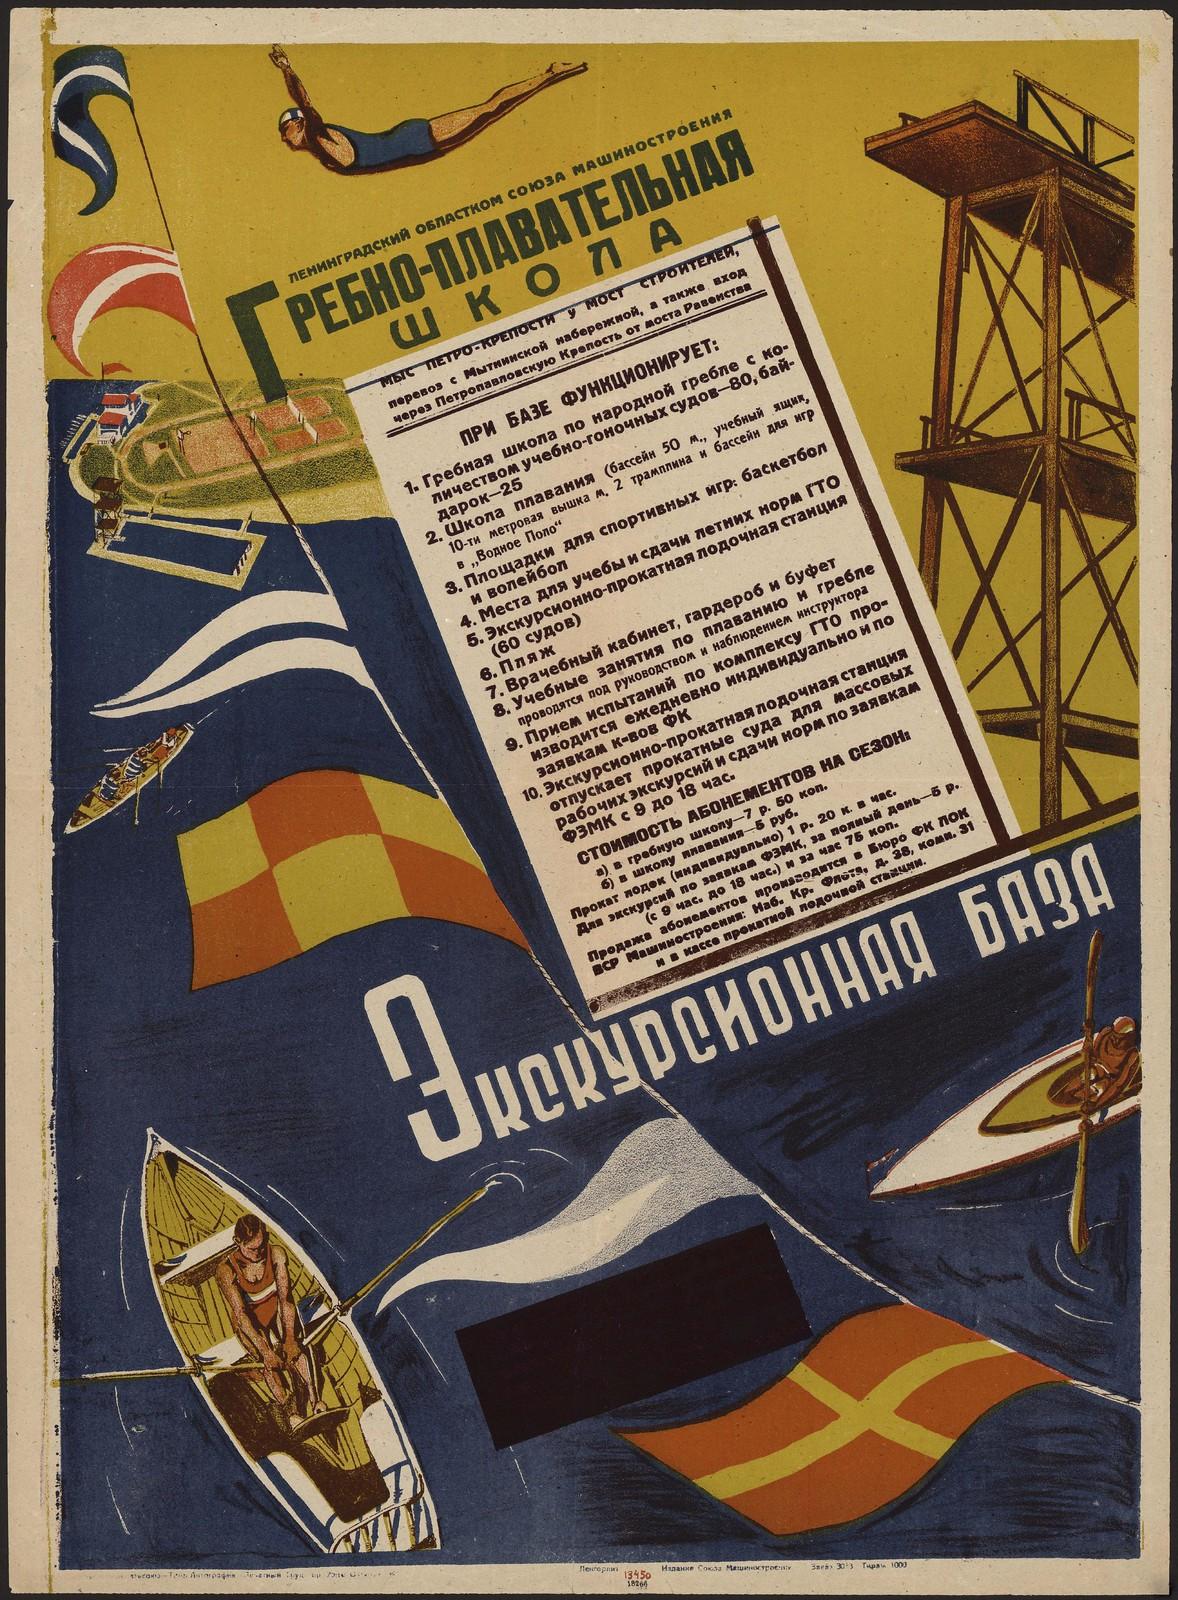 1934. Экскурсионная база. Гребно-плавательная школа.Ленингр. Областком Союза Машиностроения.